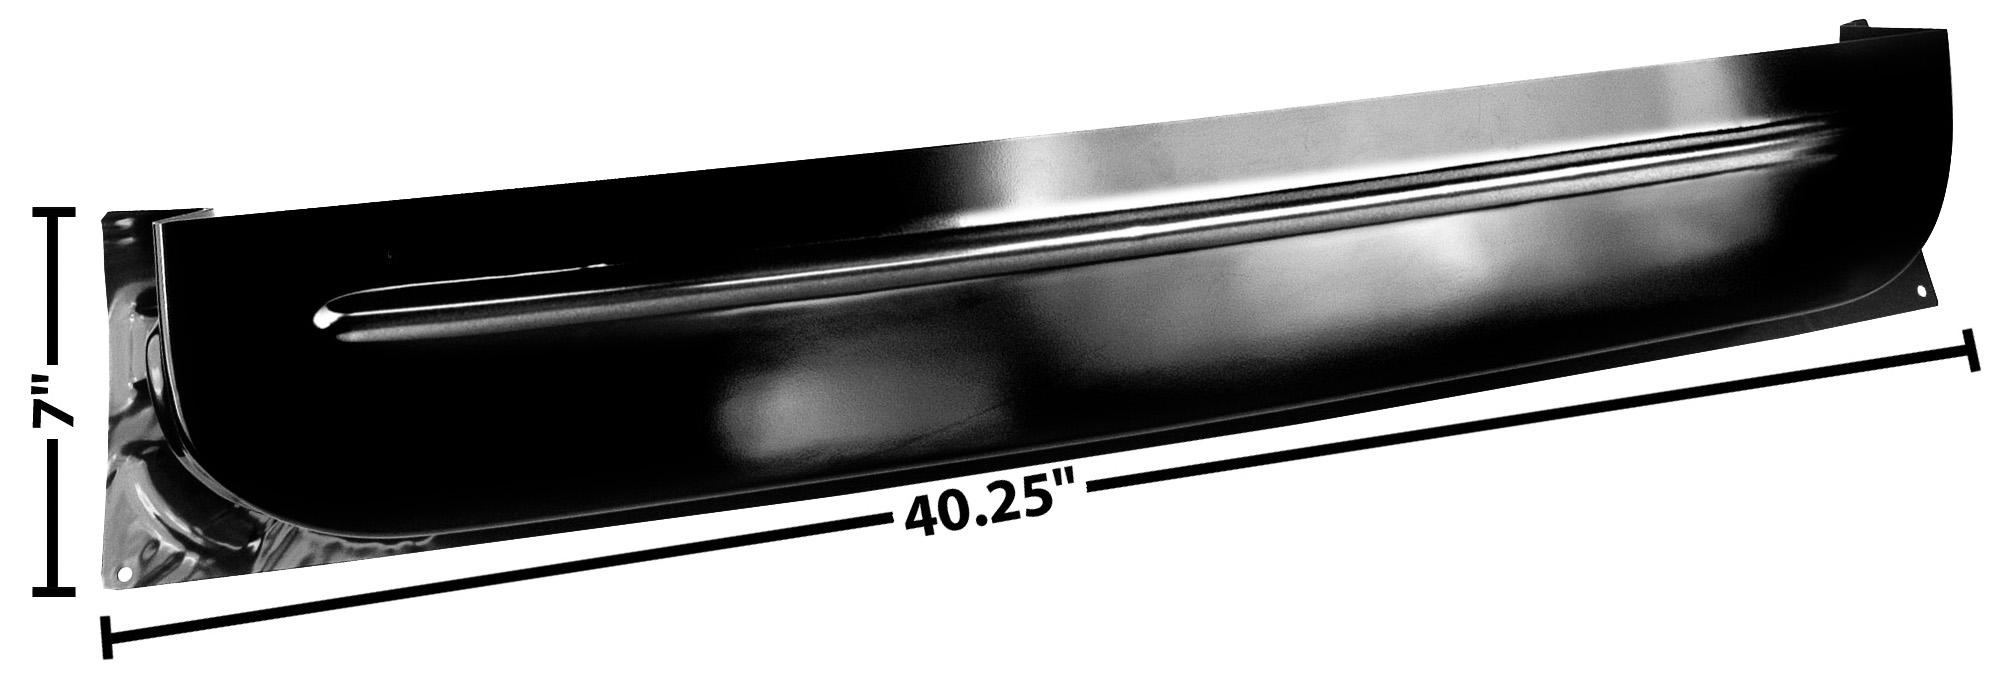 C PU 60-63 LOWER INNER DOOR PANEL-LH